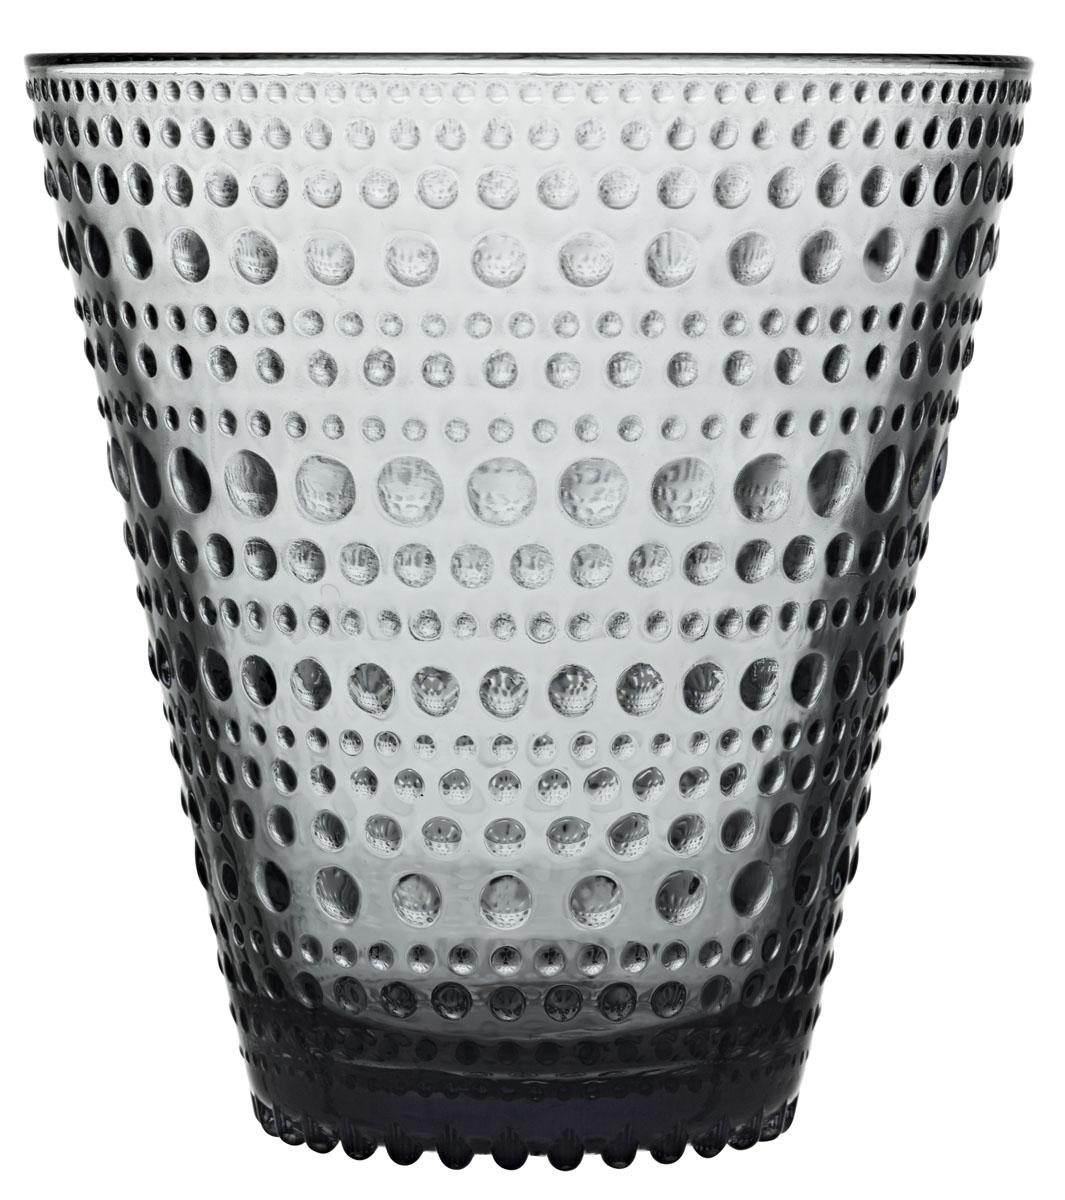 Набор стаканов Iittala Kastehelmi, цвет: серый, 300 мл, 2 шт1018765Стаканы Iittala выполнены из высококачественного стекла. Изделия имеют удобную изящную форму, которая позволит им комфортно лежать в вашей руке. Дизайн стаканов будет радовать глаз. Легкий и прочный материал обеспечит сохранность изделия в течение многих лет.